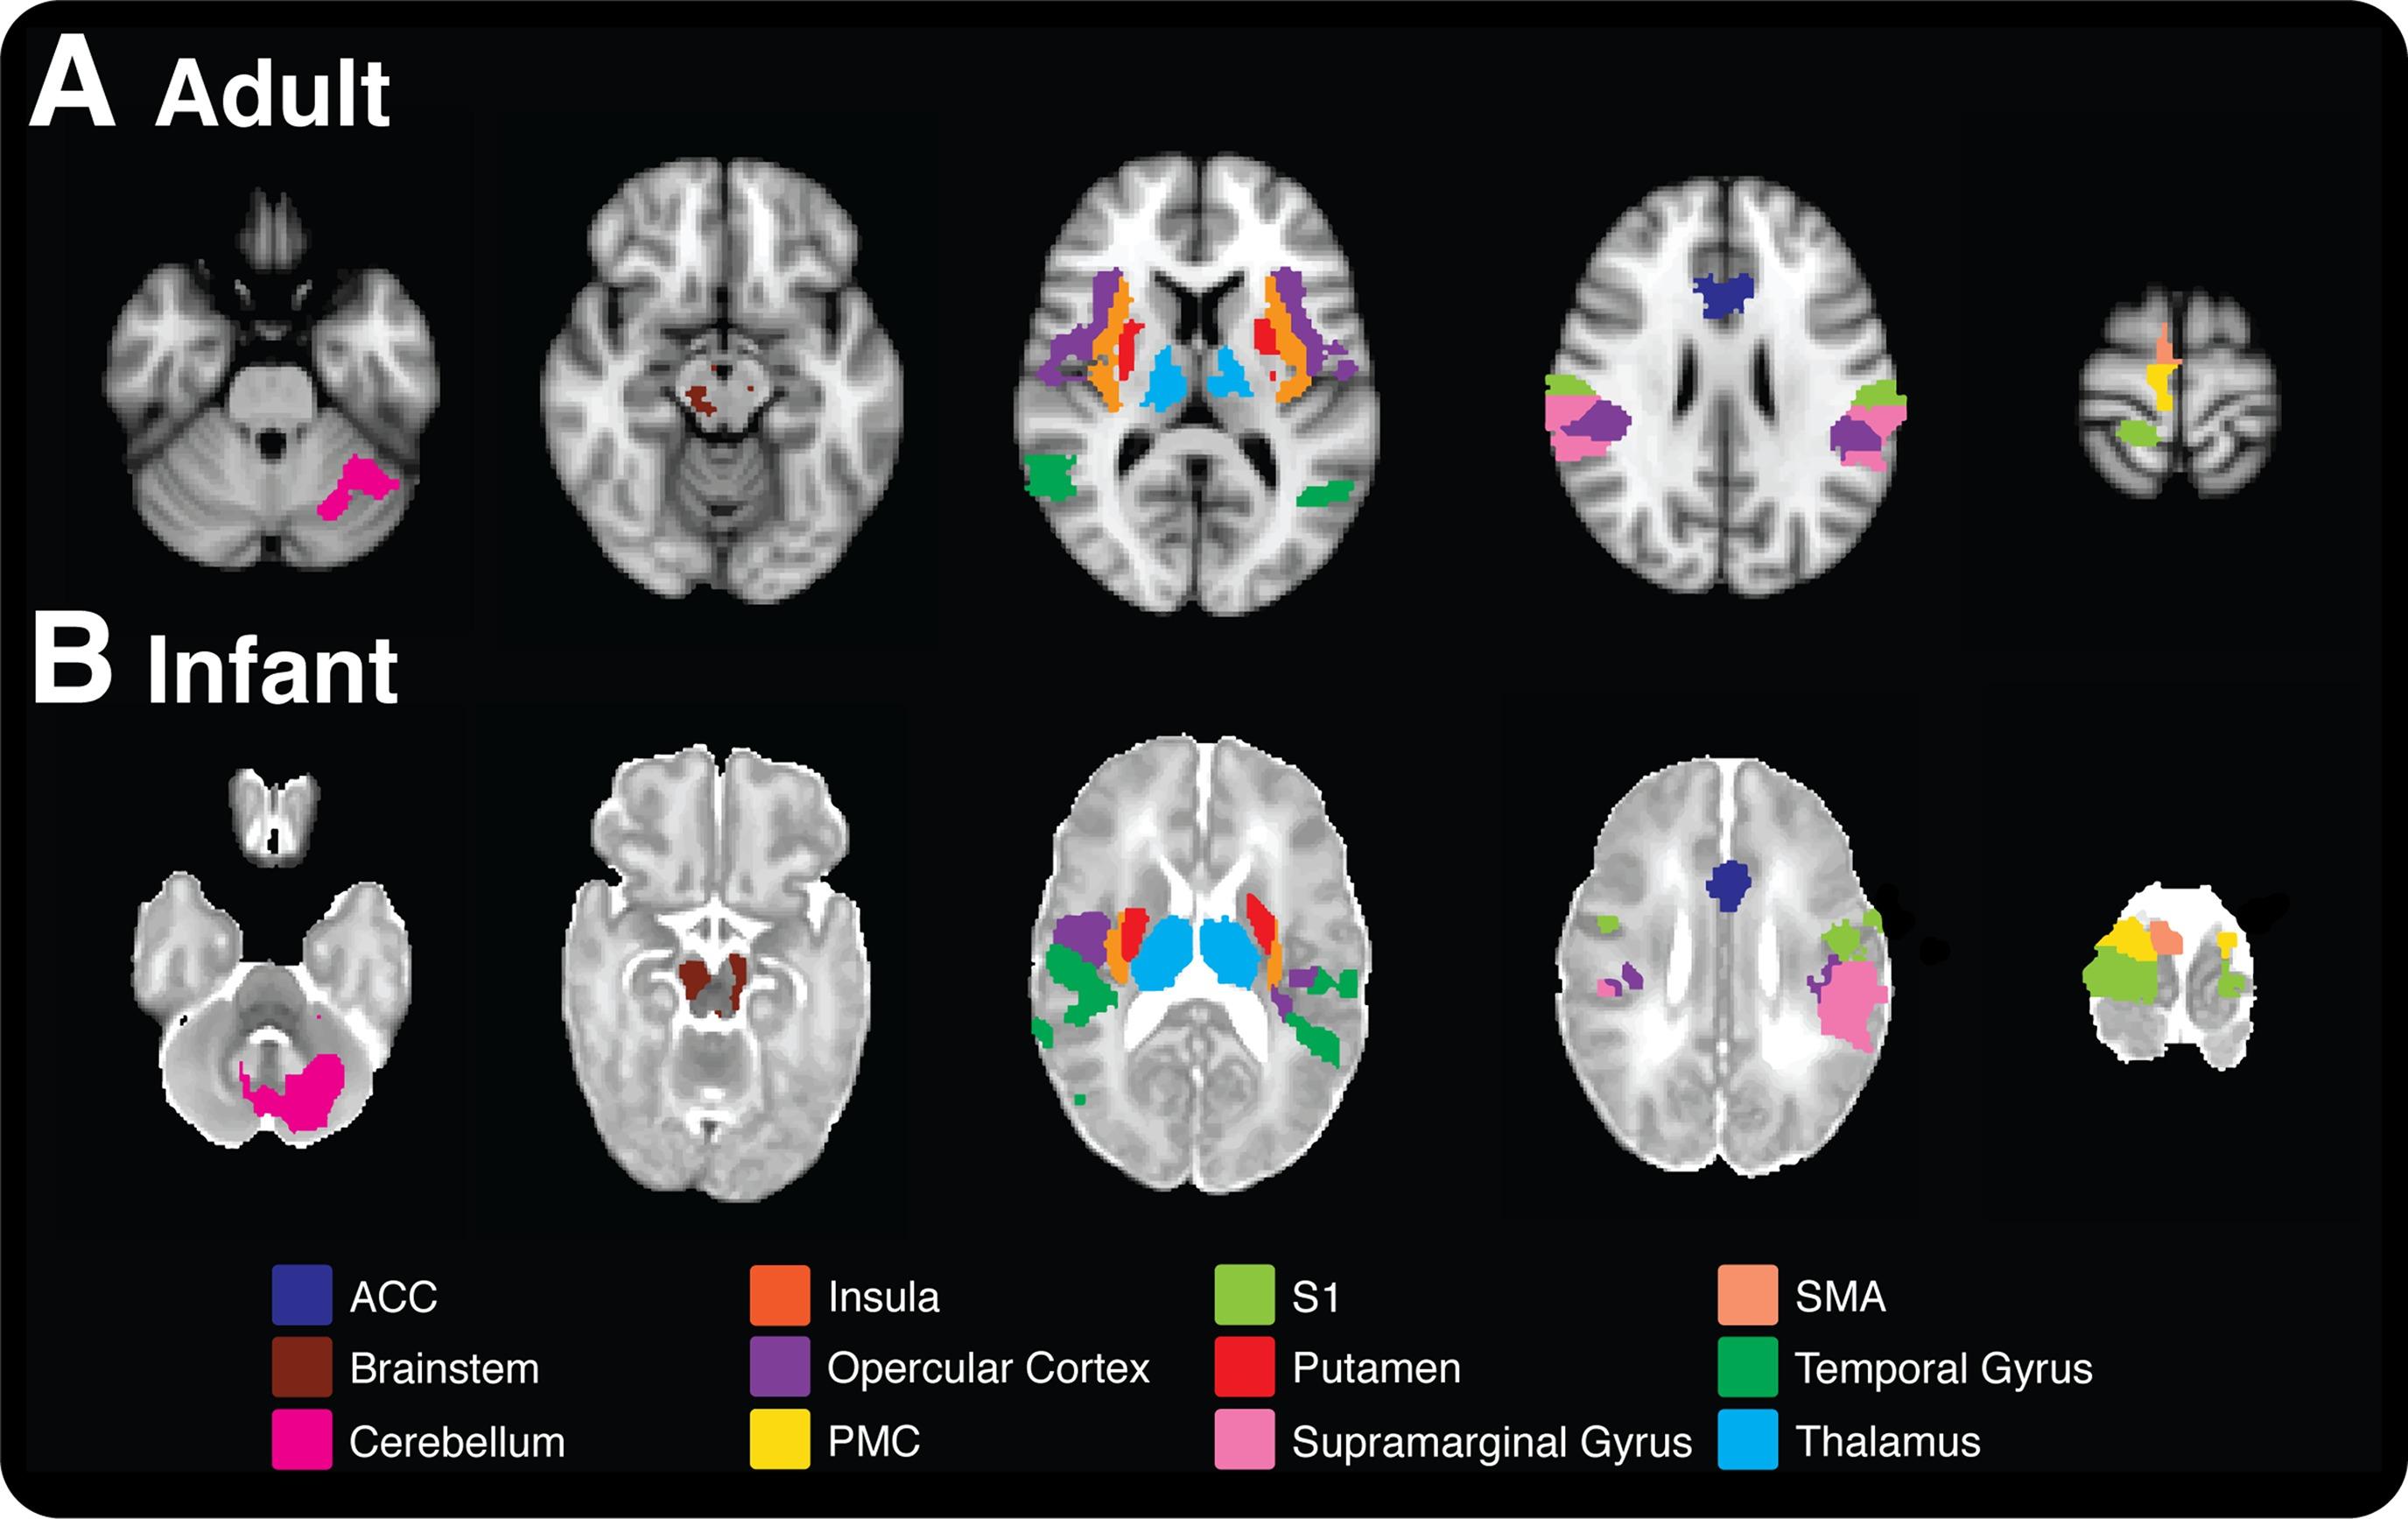 adult brain activities